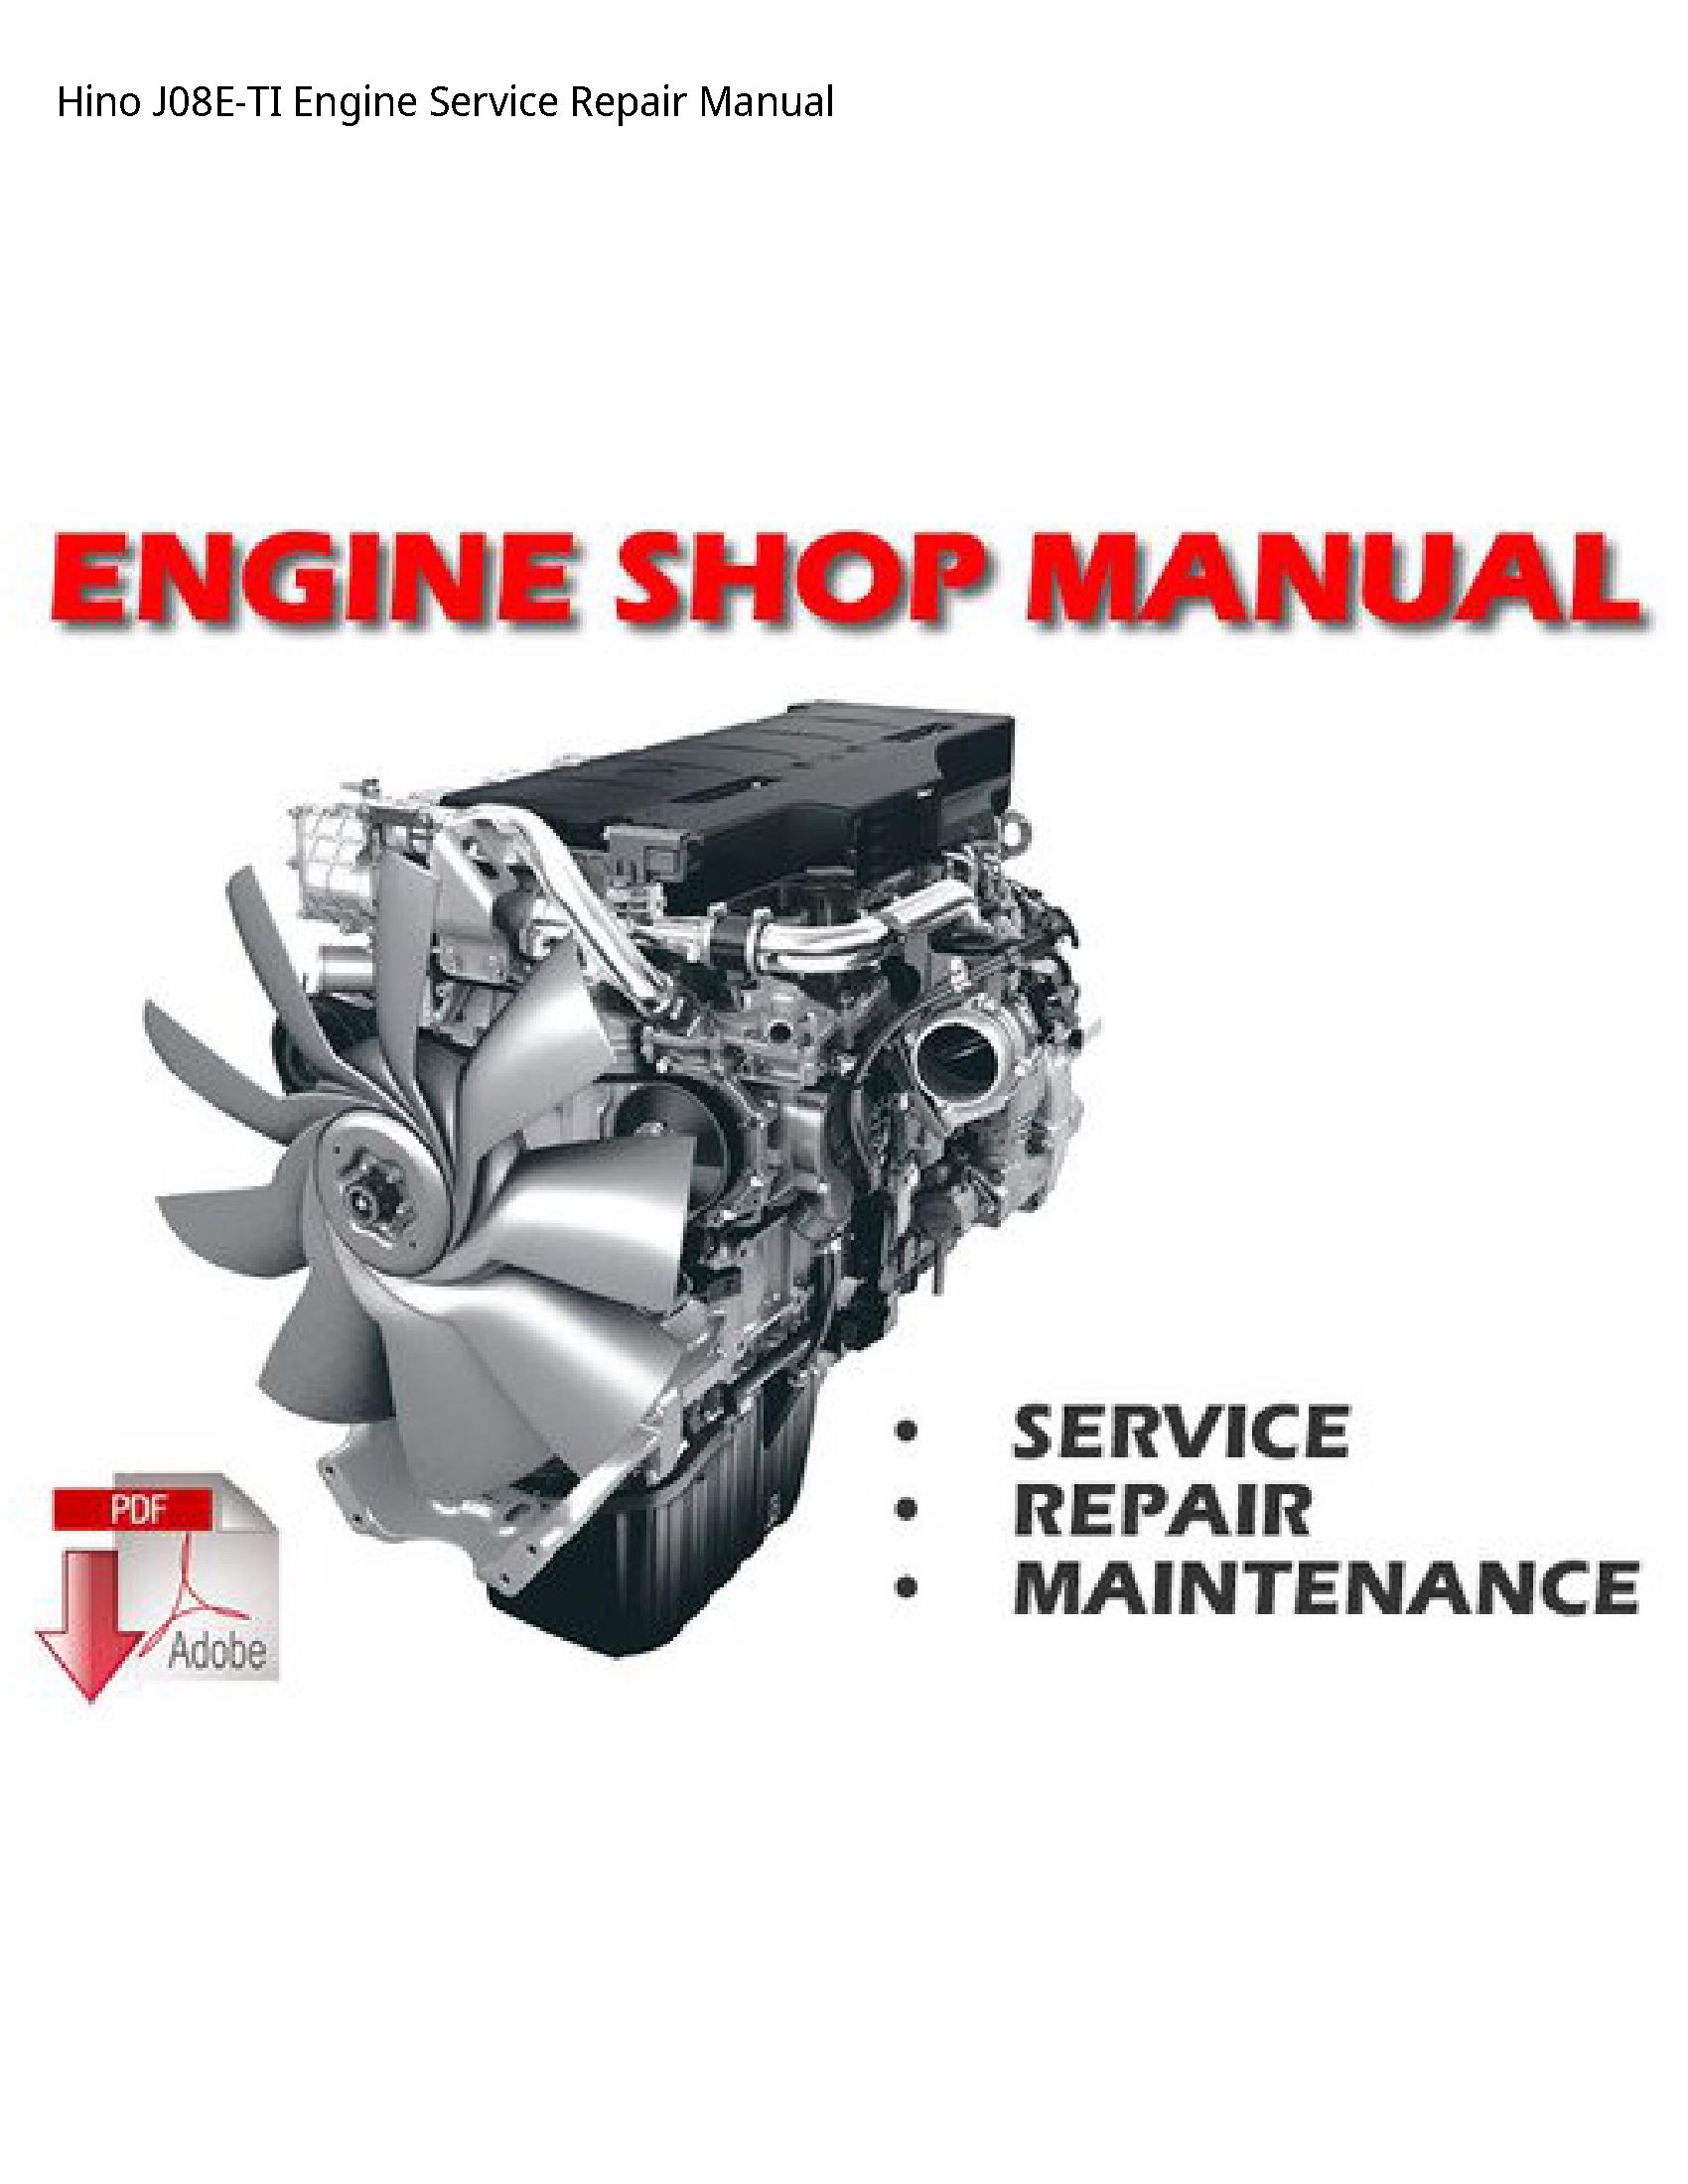 Hino J08E-TI Engine manual